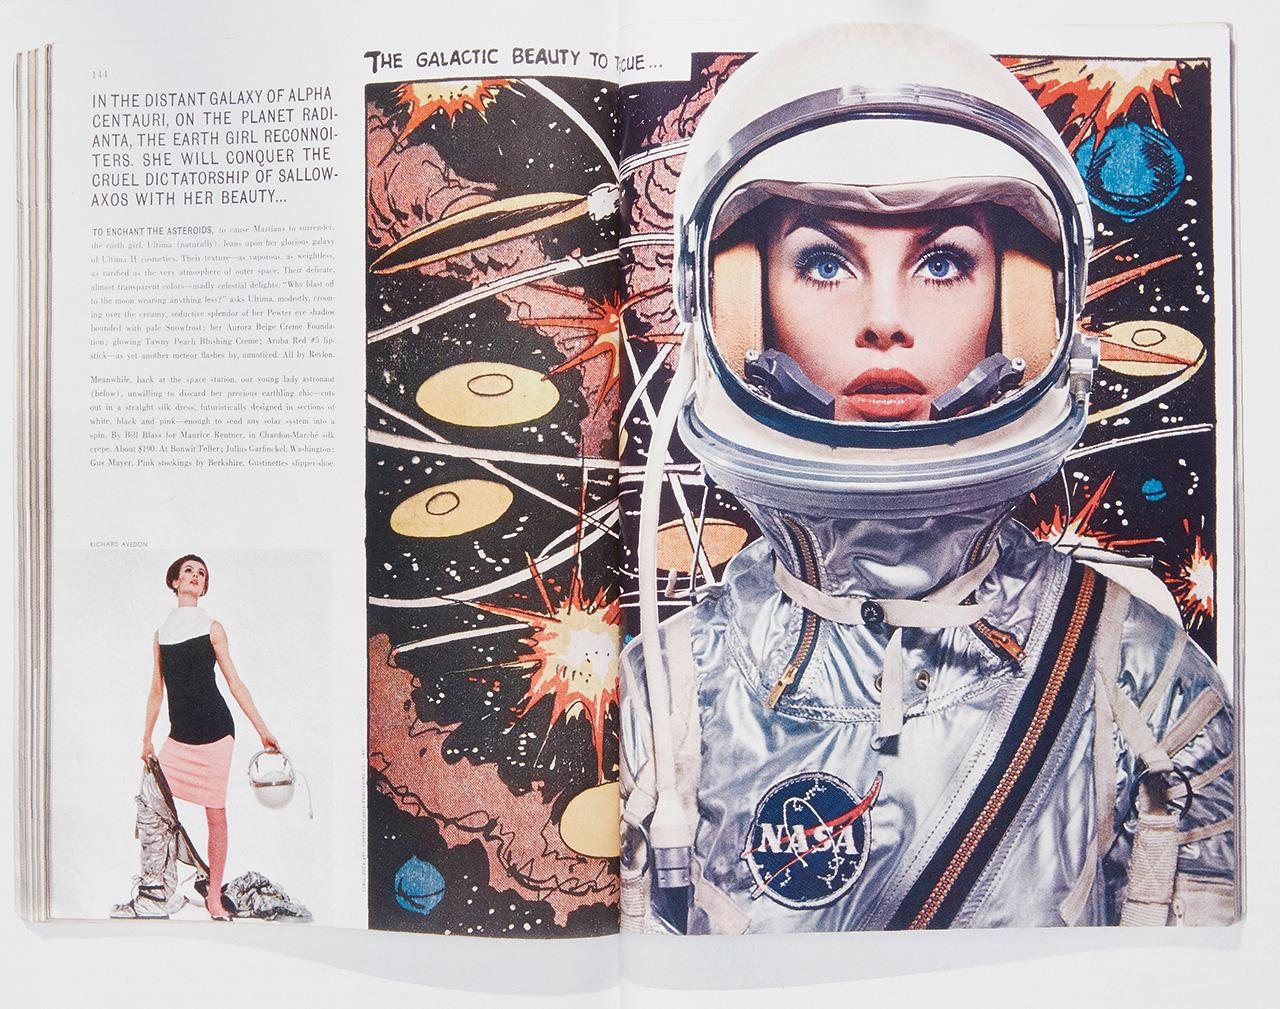 1963년 9월호 커버. 리처드 애버던이 나사 우주복을 입은 진 시림튼을 찍은 60년대의 아이코닉한 화보